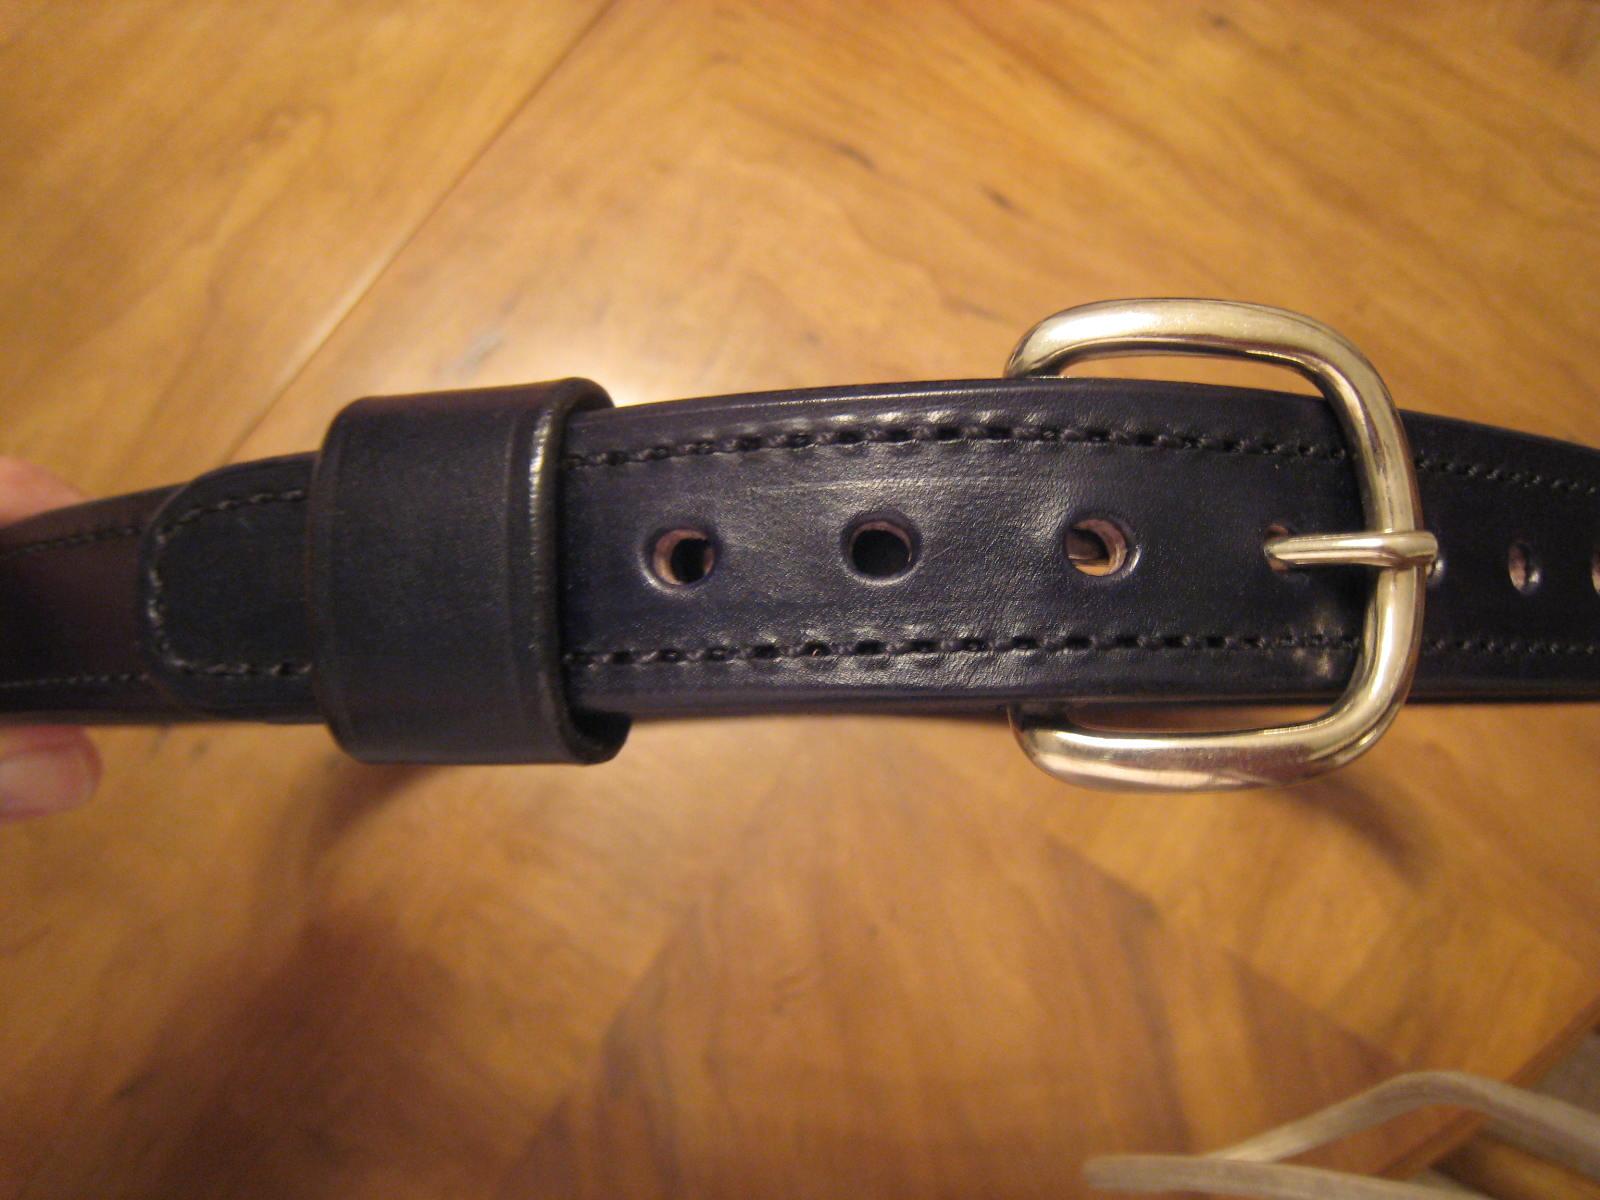 New Hbe Belt And Holster-img_3920.jpg